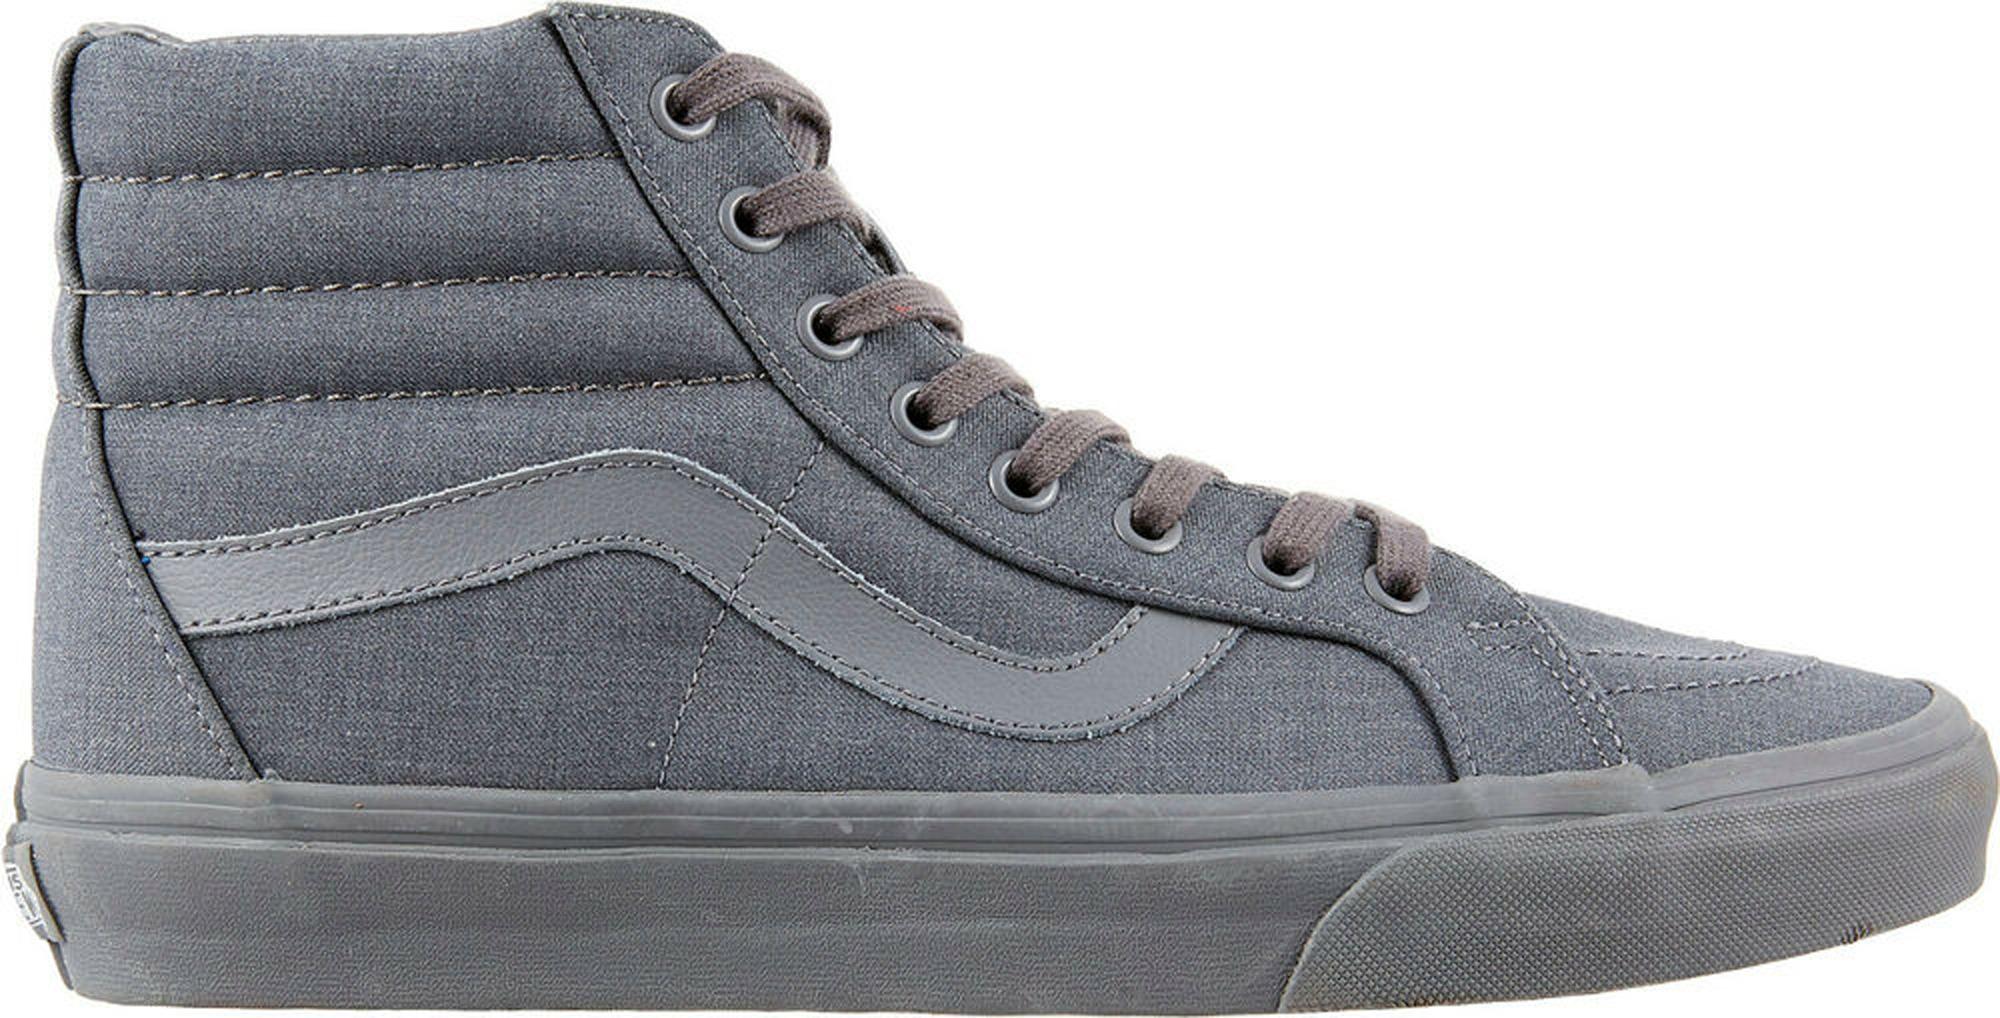 Vans Sk8-Hi Mono Chambray Grey